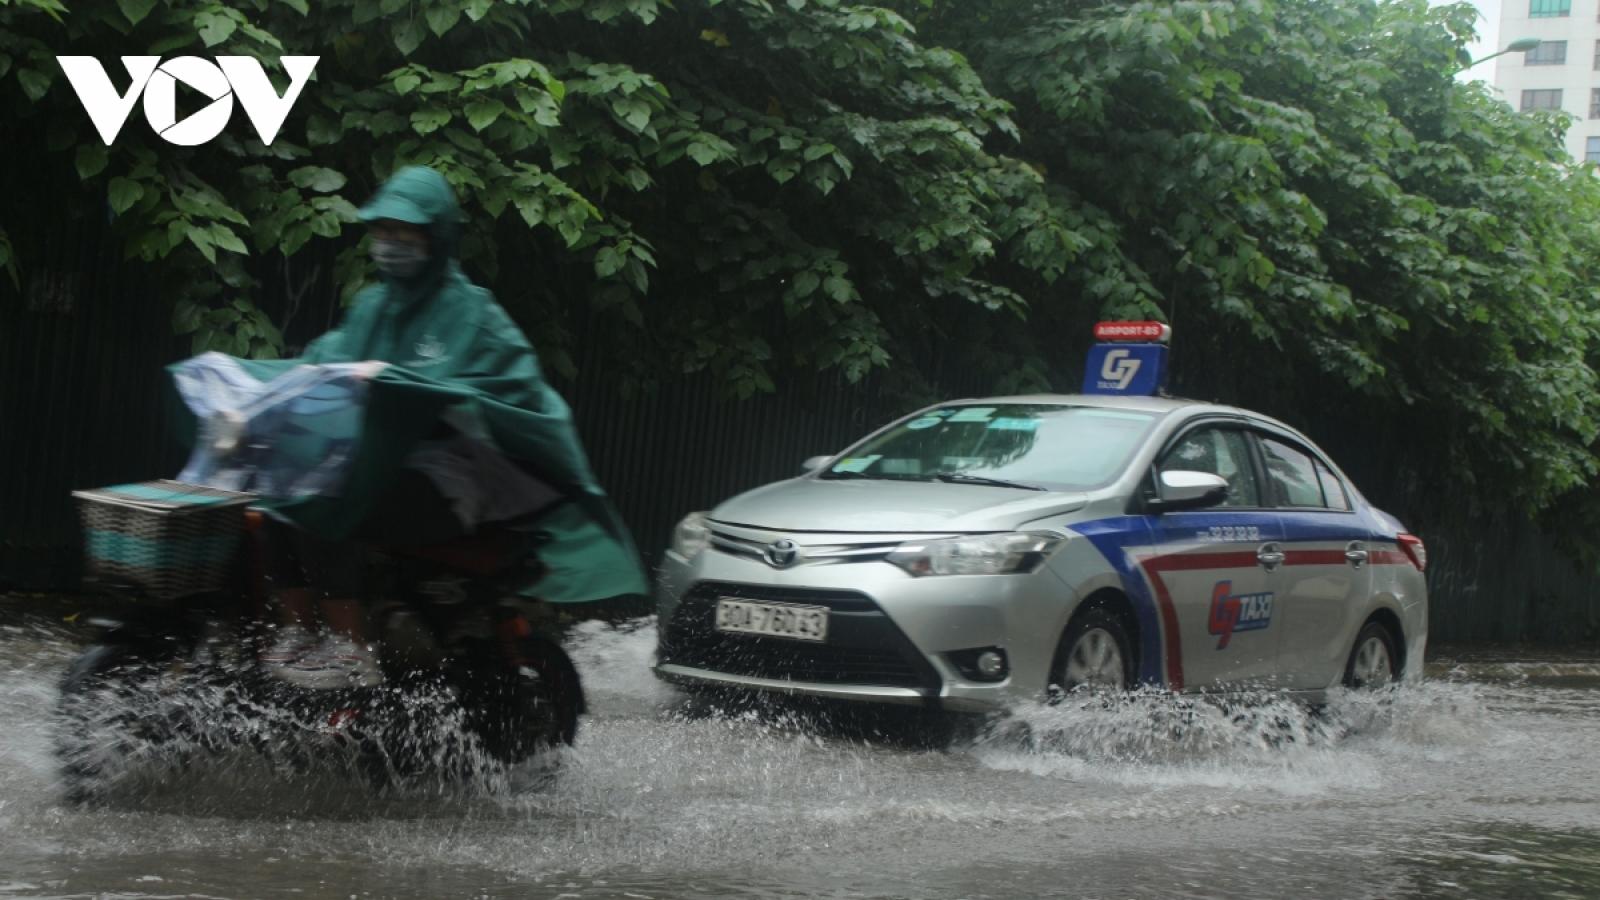 Đi xe máy mùa mưa bão cần lưu ý điều gì?